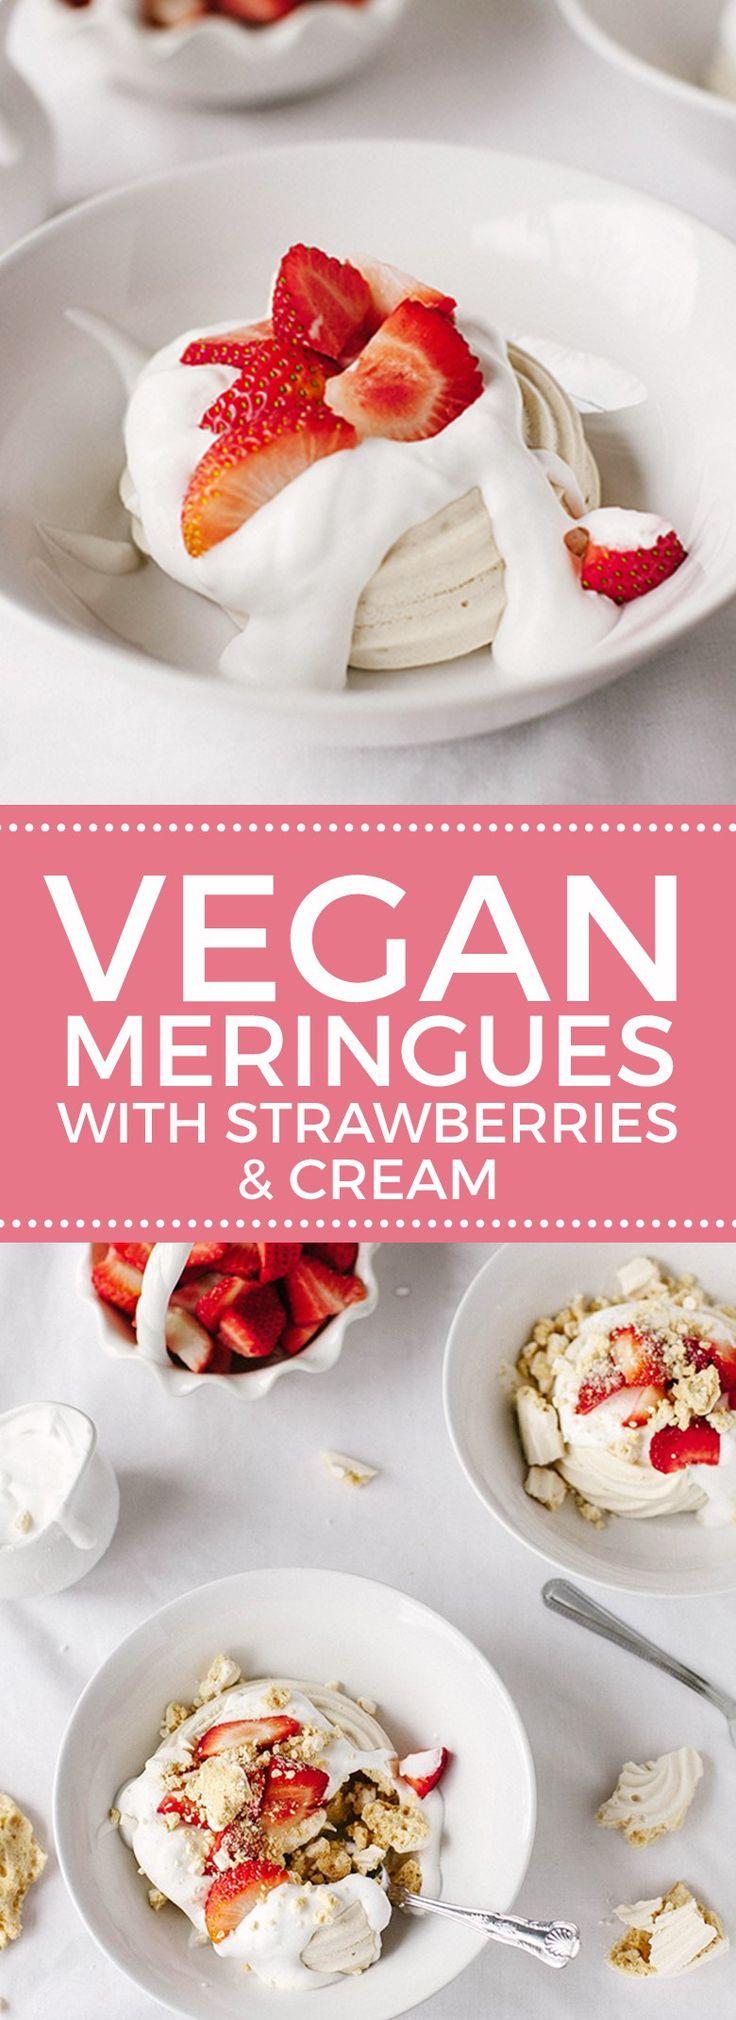 Vegan Meringue Nests with Strawberries & Cream | Wallflower Girl #vegan #glutenfree